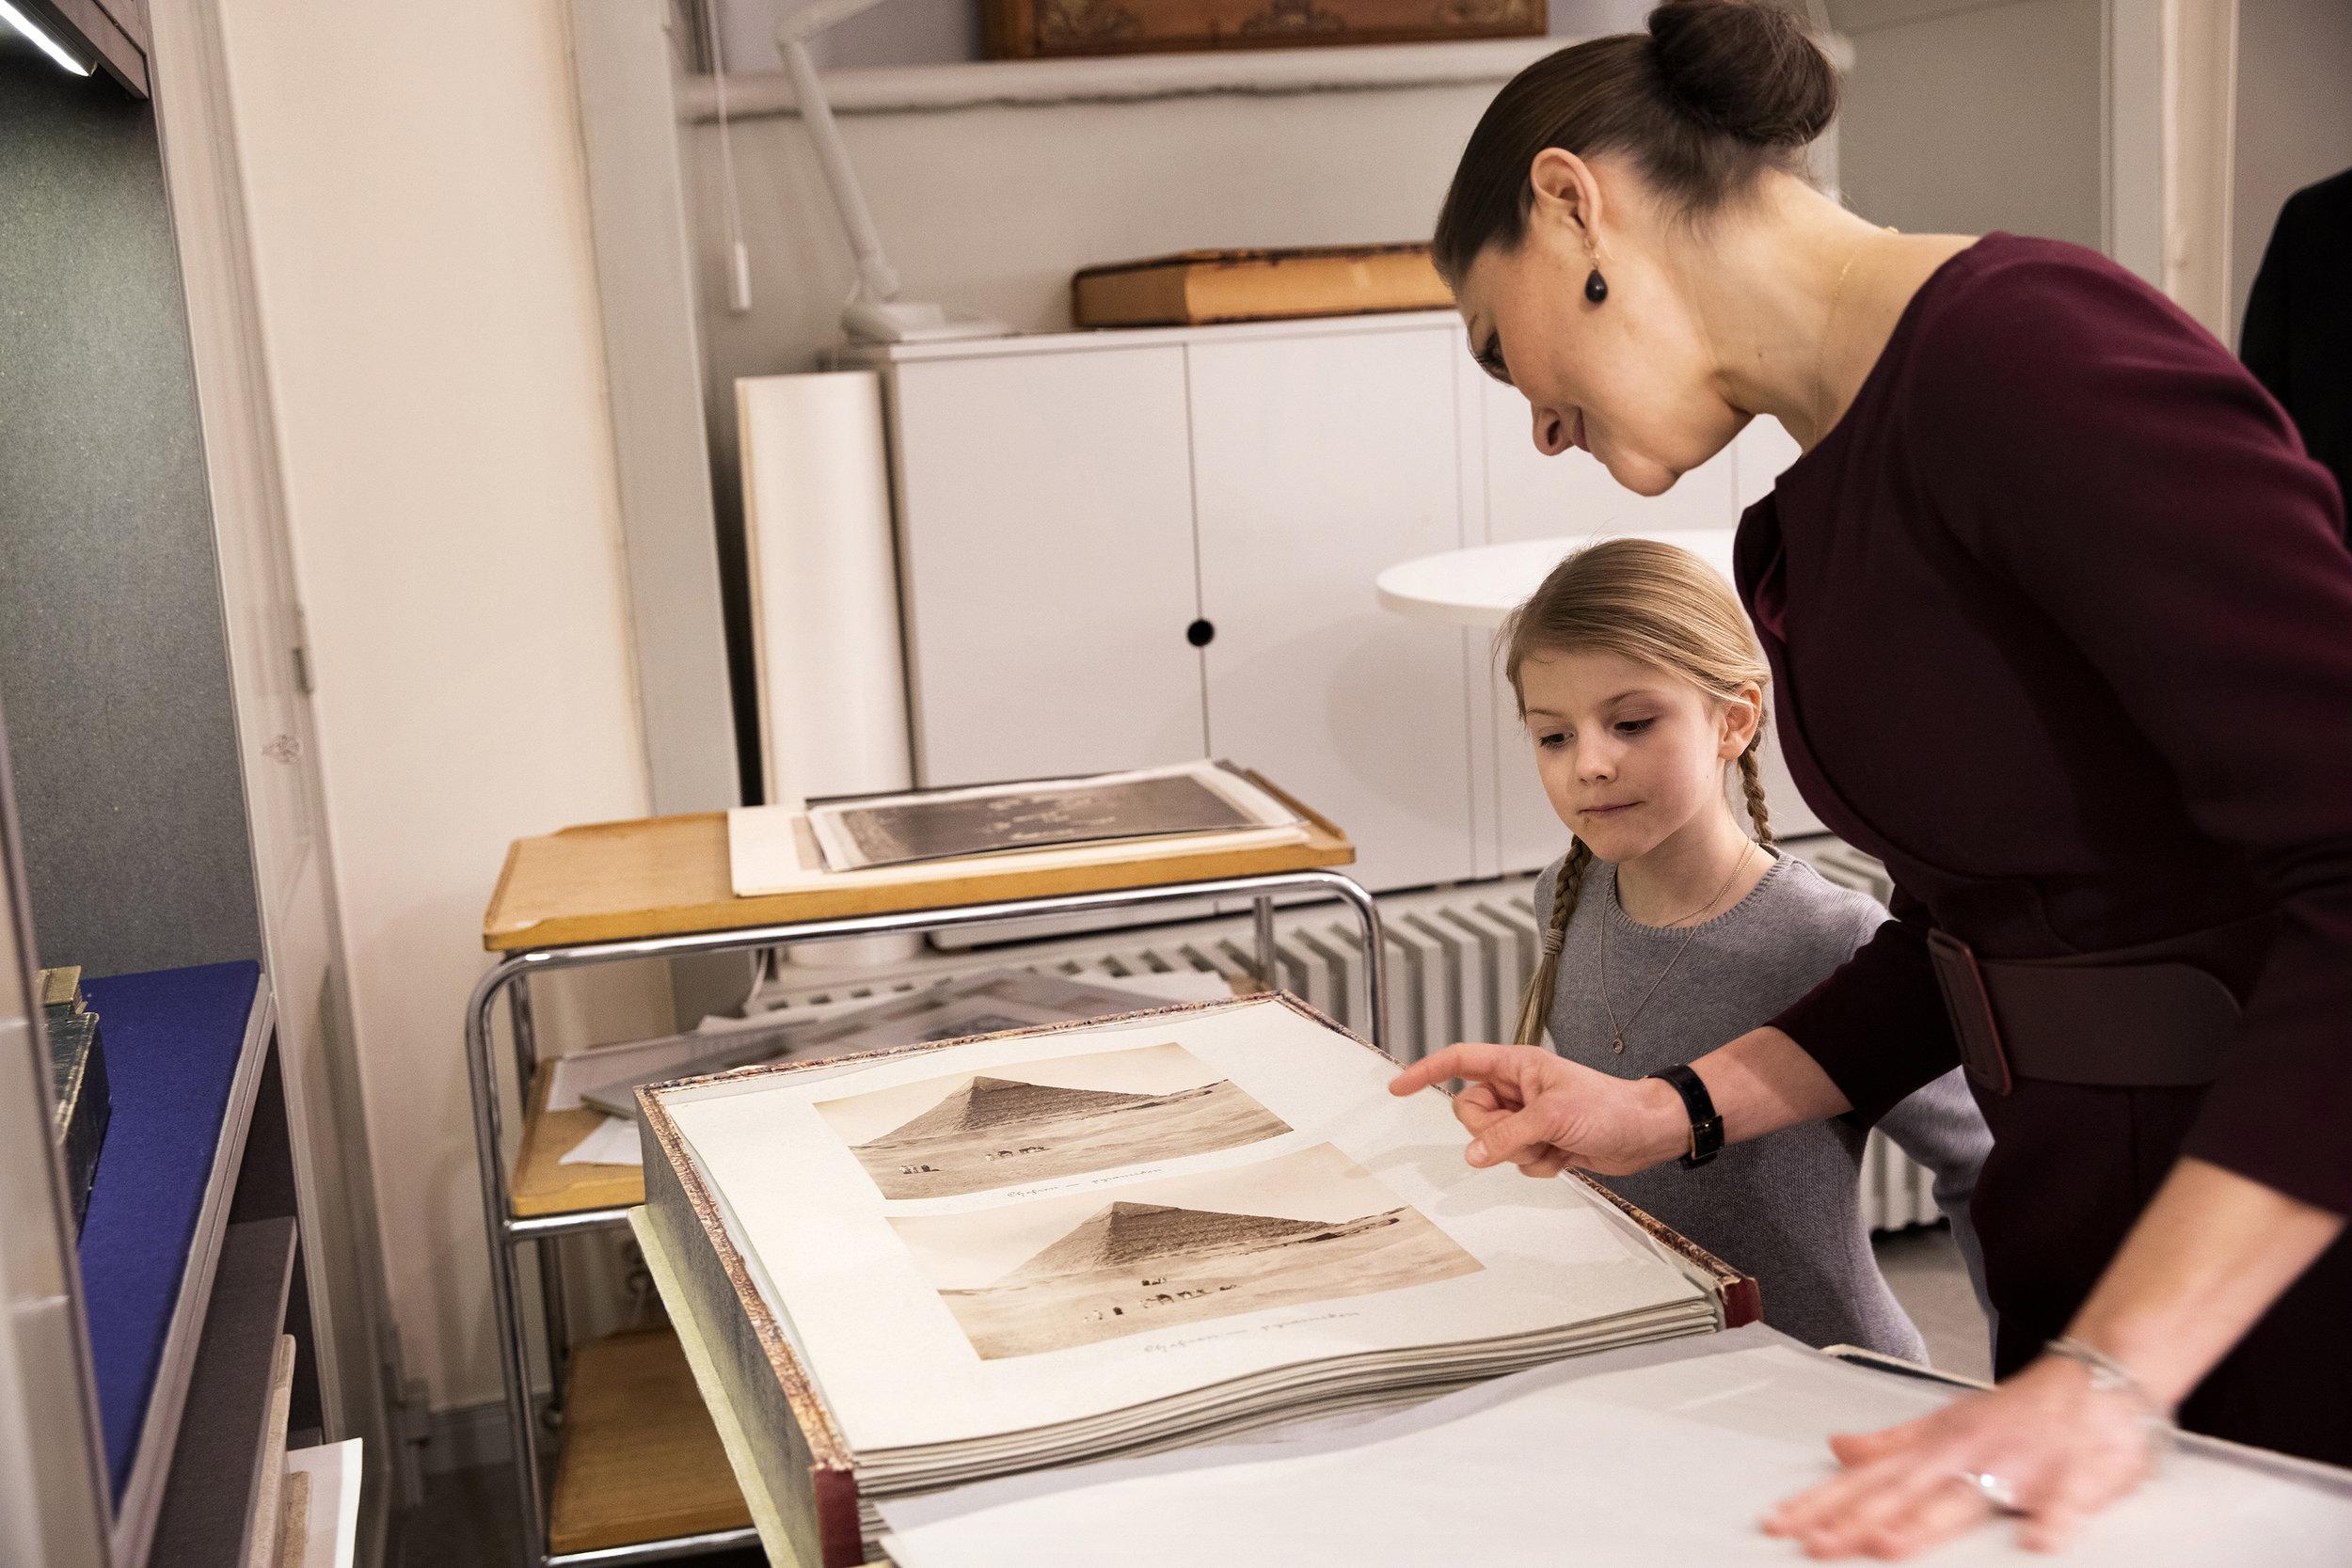 Kronprinzessin Victoria und ihr Töchterchen schauen sich die privaten Fotos von Königin Victoria von ihrer Reise nach Ägypten an.  ©Sara Friberg, Kungl. Royal Court